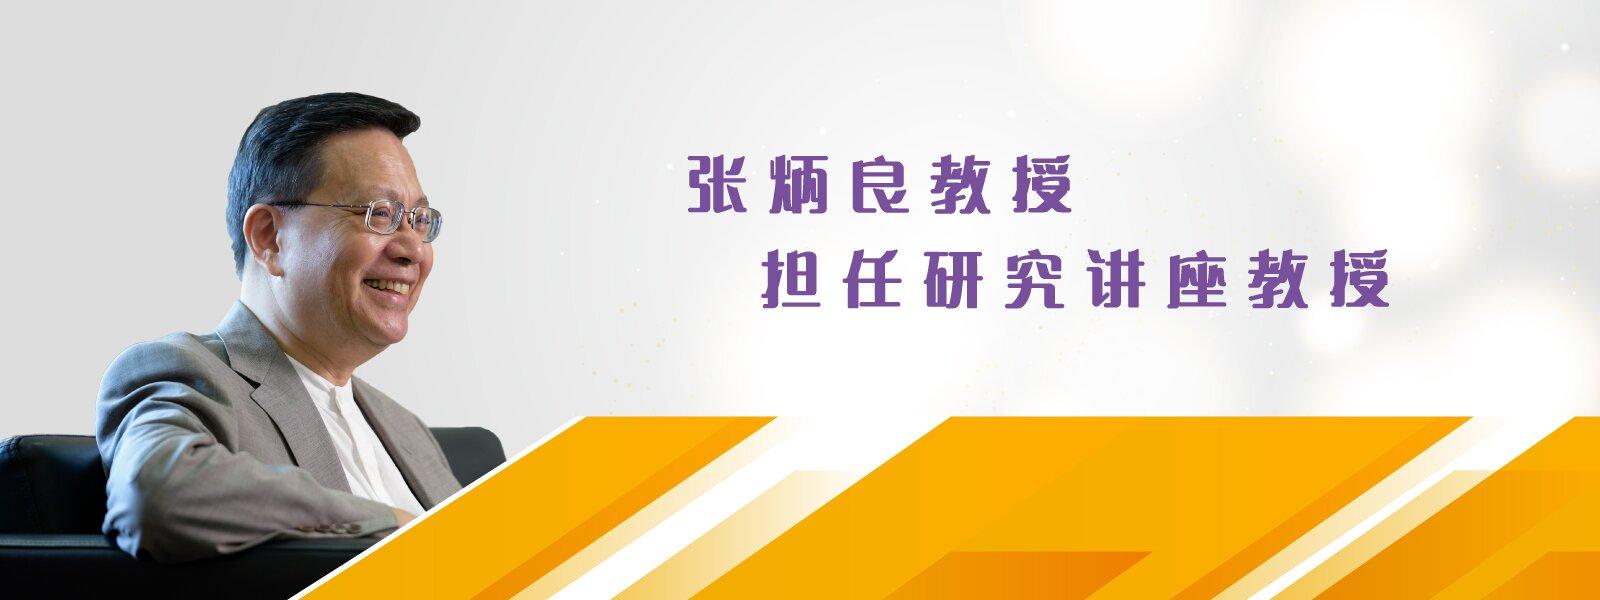 张炳良教授担任研究讲座教授